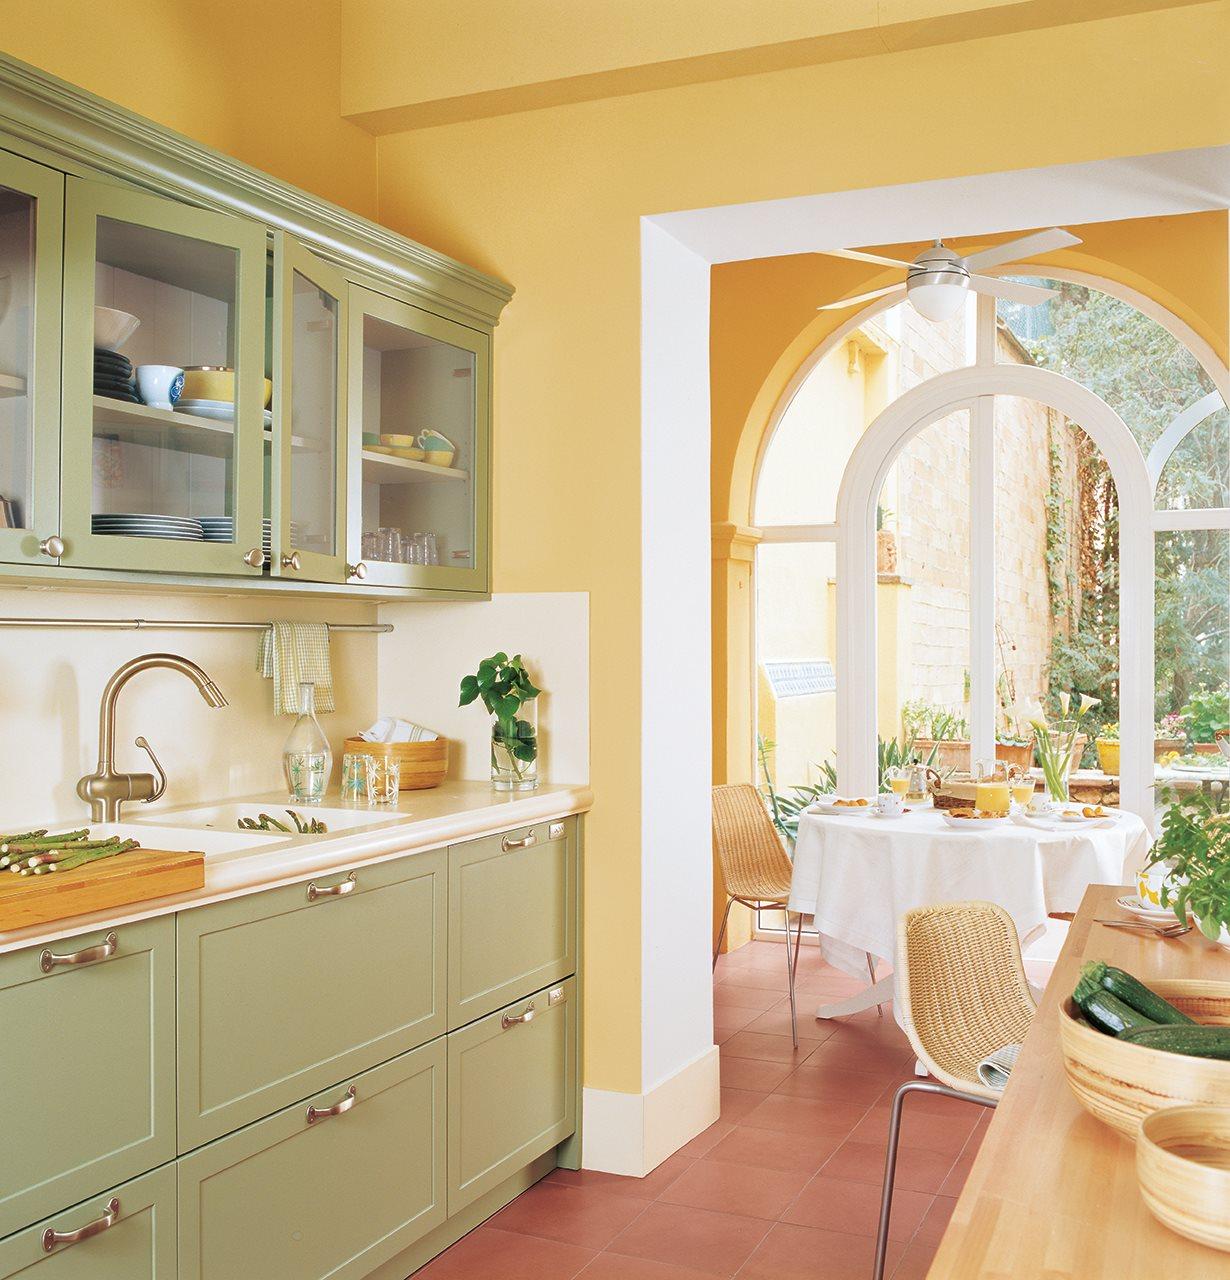 Decorar paredes de cocina decorar paredes cocina los for Decorar paredes cocina